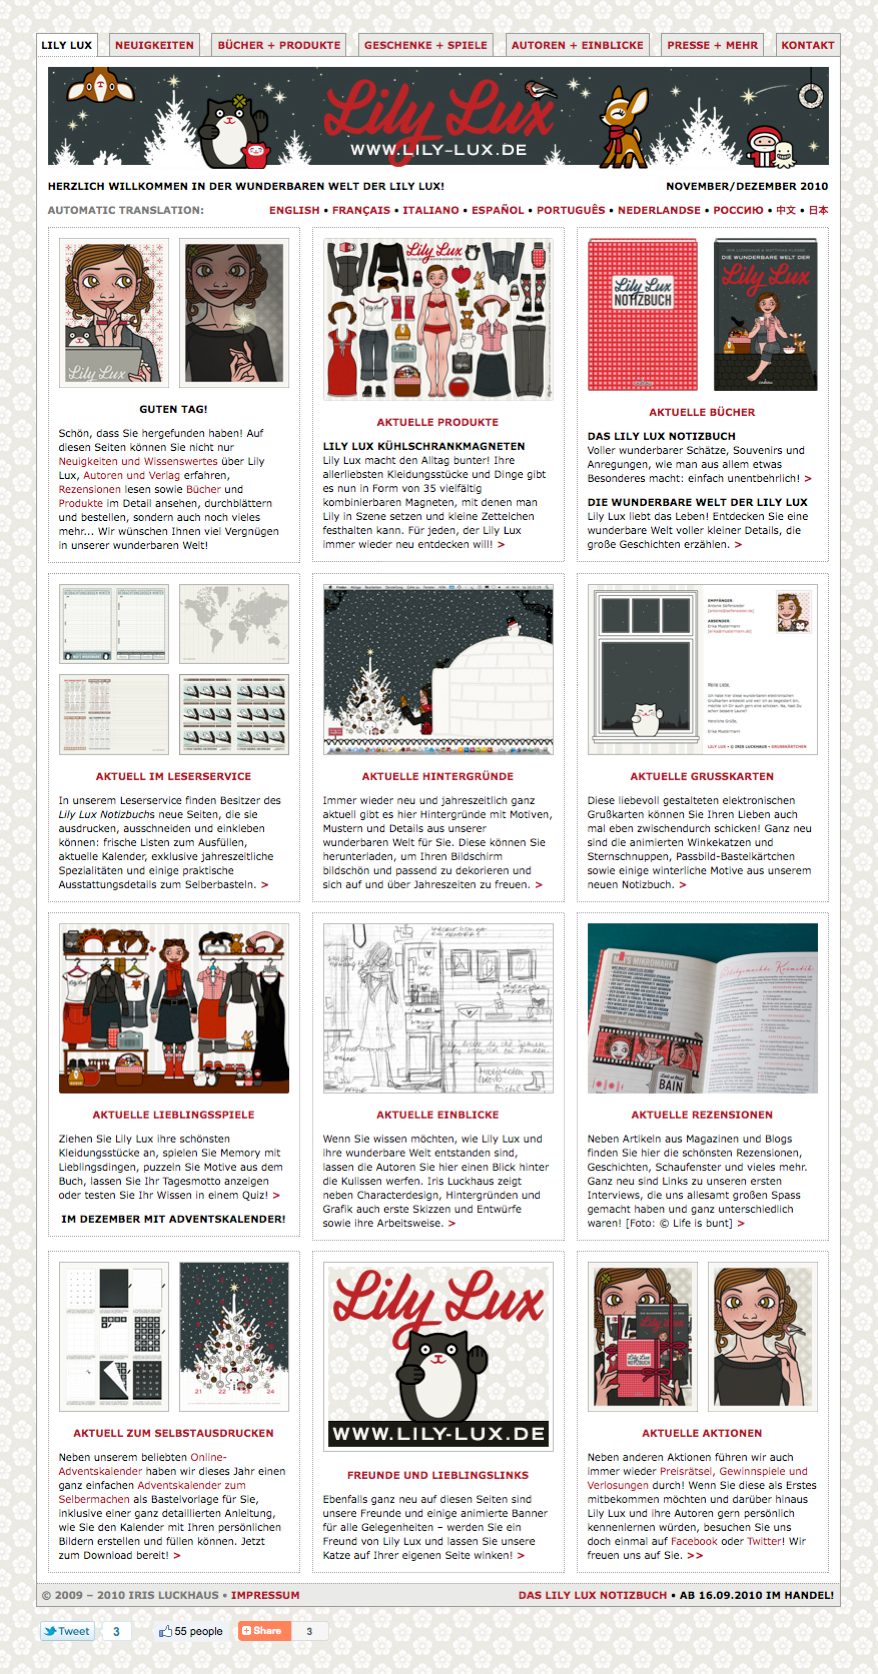 Startseite von Lily Lux im Winter und zu Weihnachten